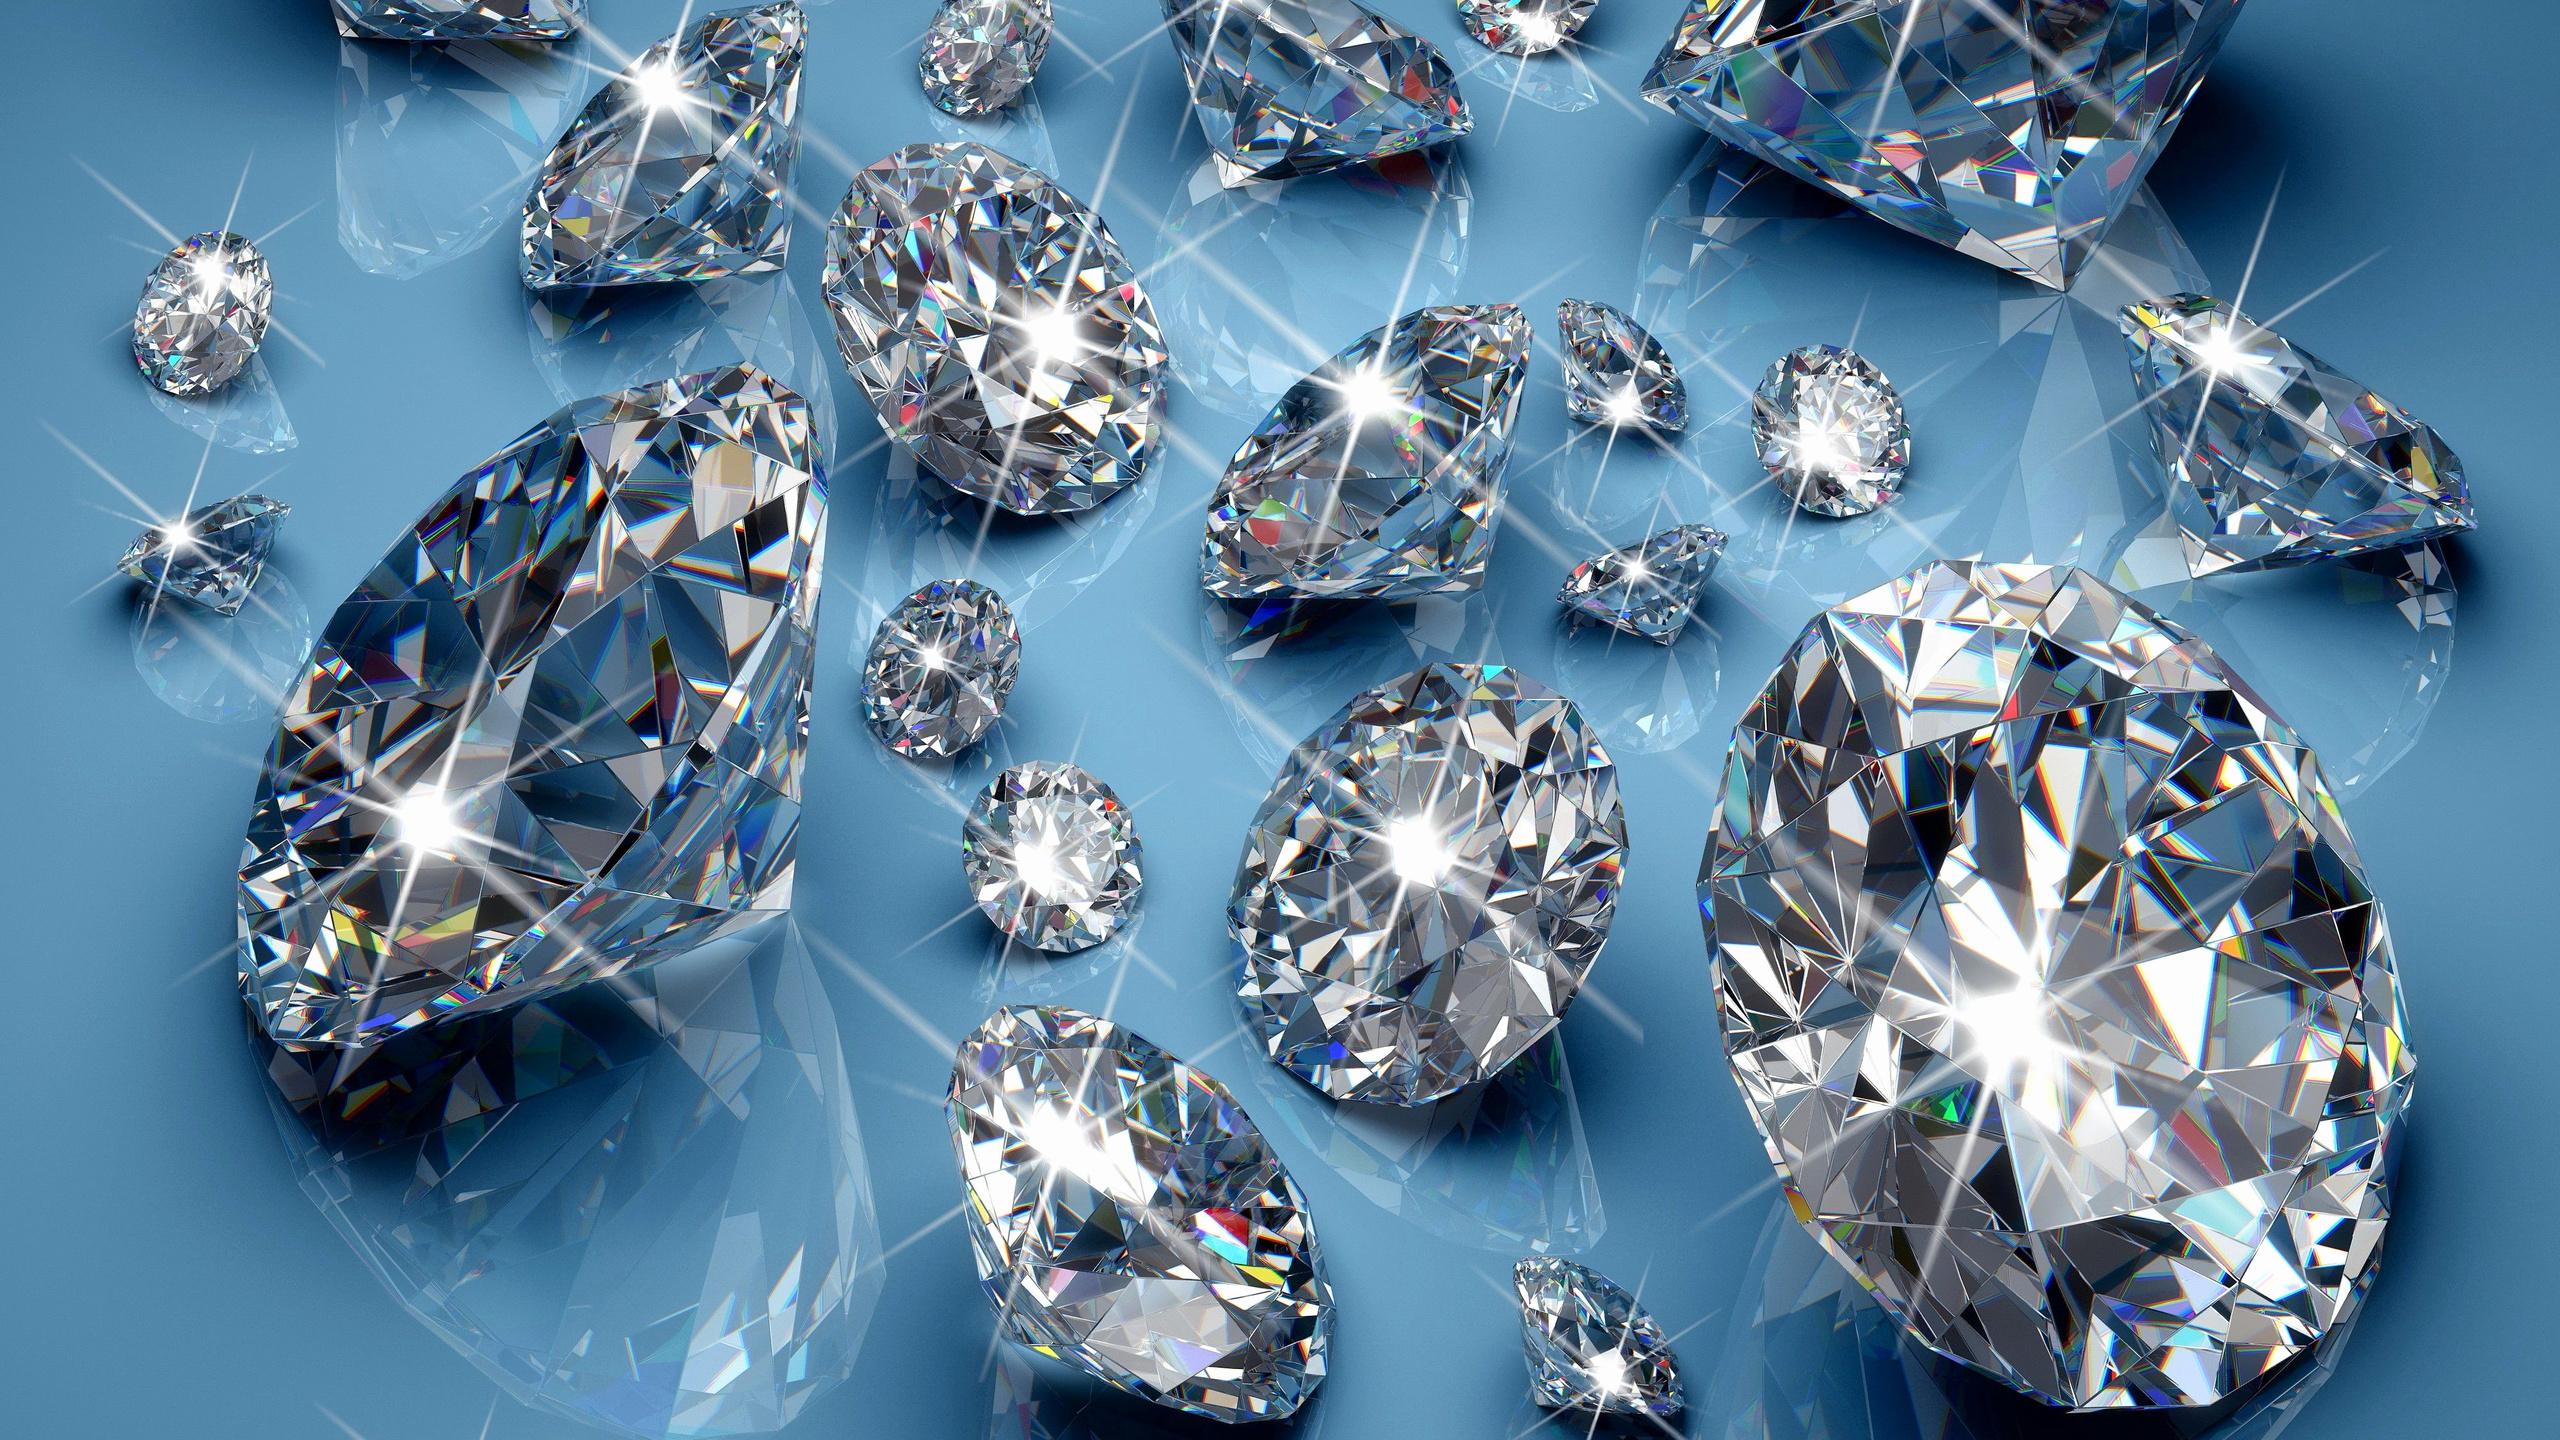 ждёт, ждёт обои бриллианты картинки ремонте ванной